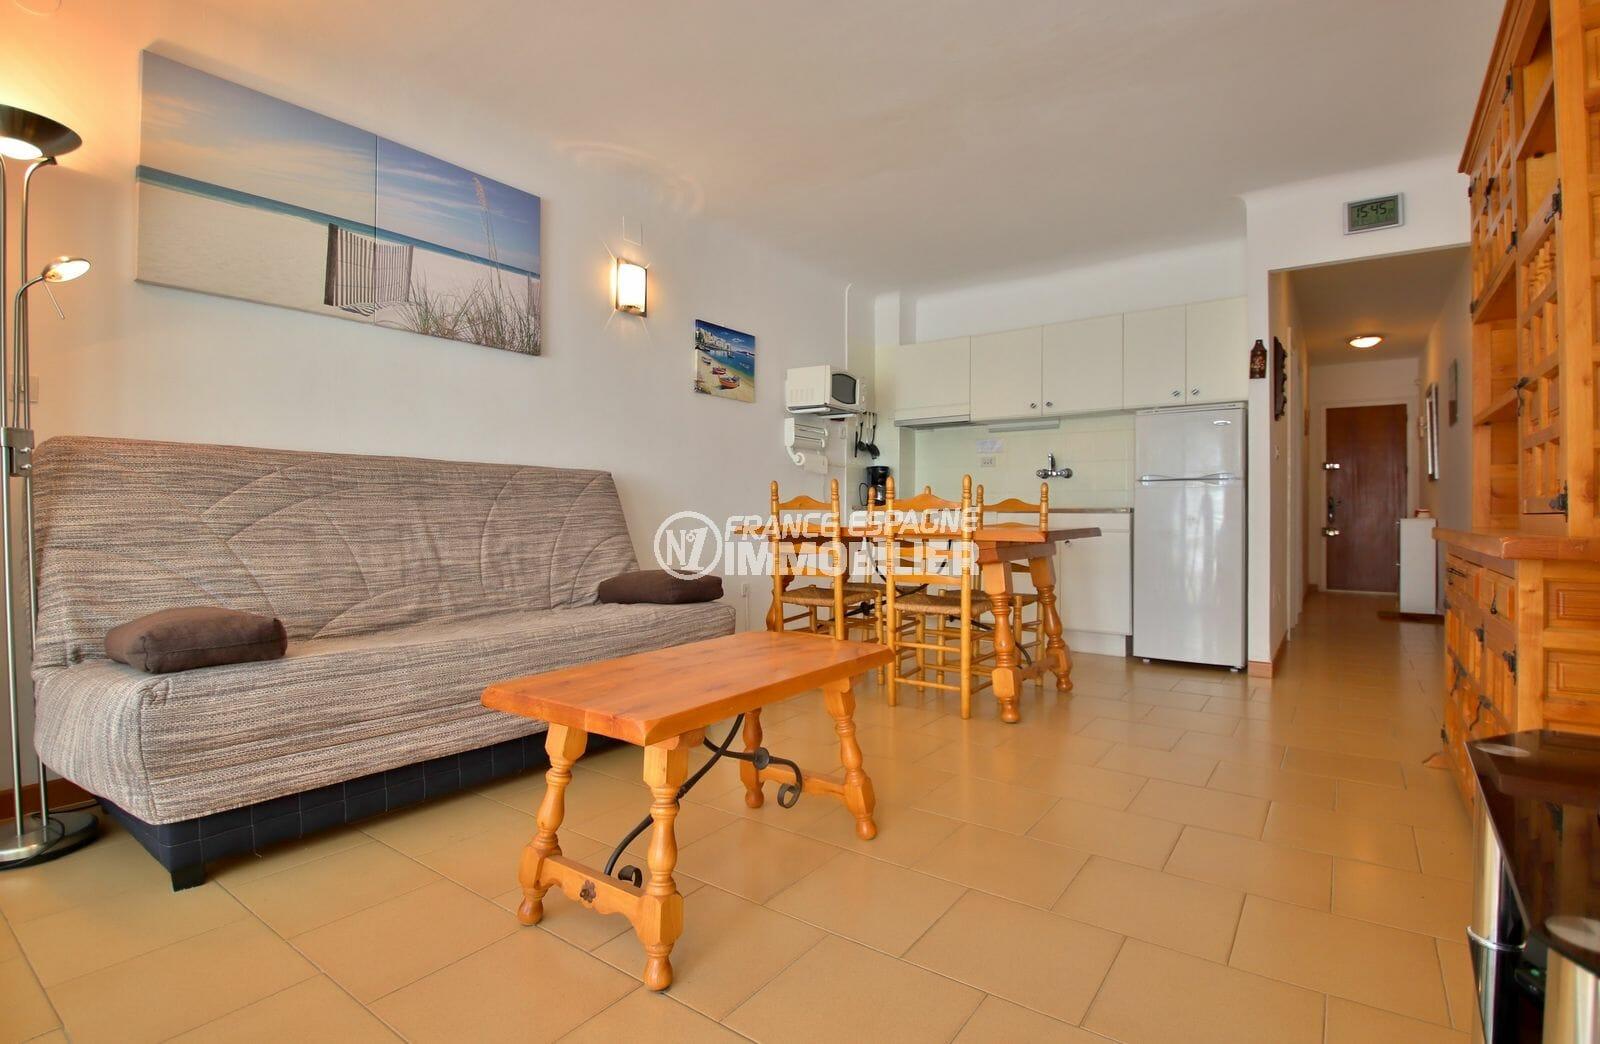 appartement a vendre rosas: appartement 53 m² avec vue mer, salon/sejour avec cuisine ouverte